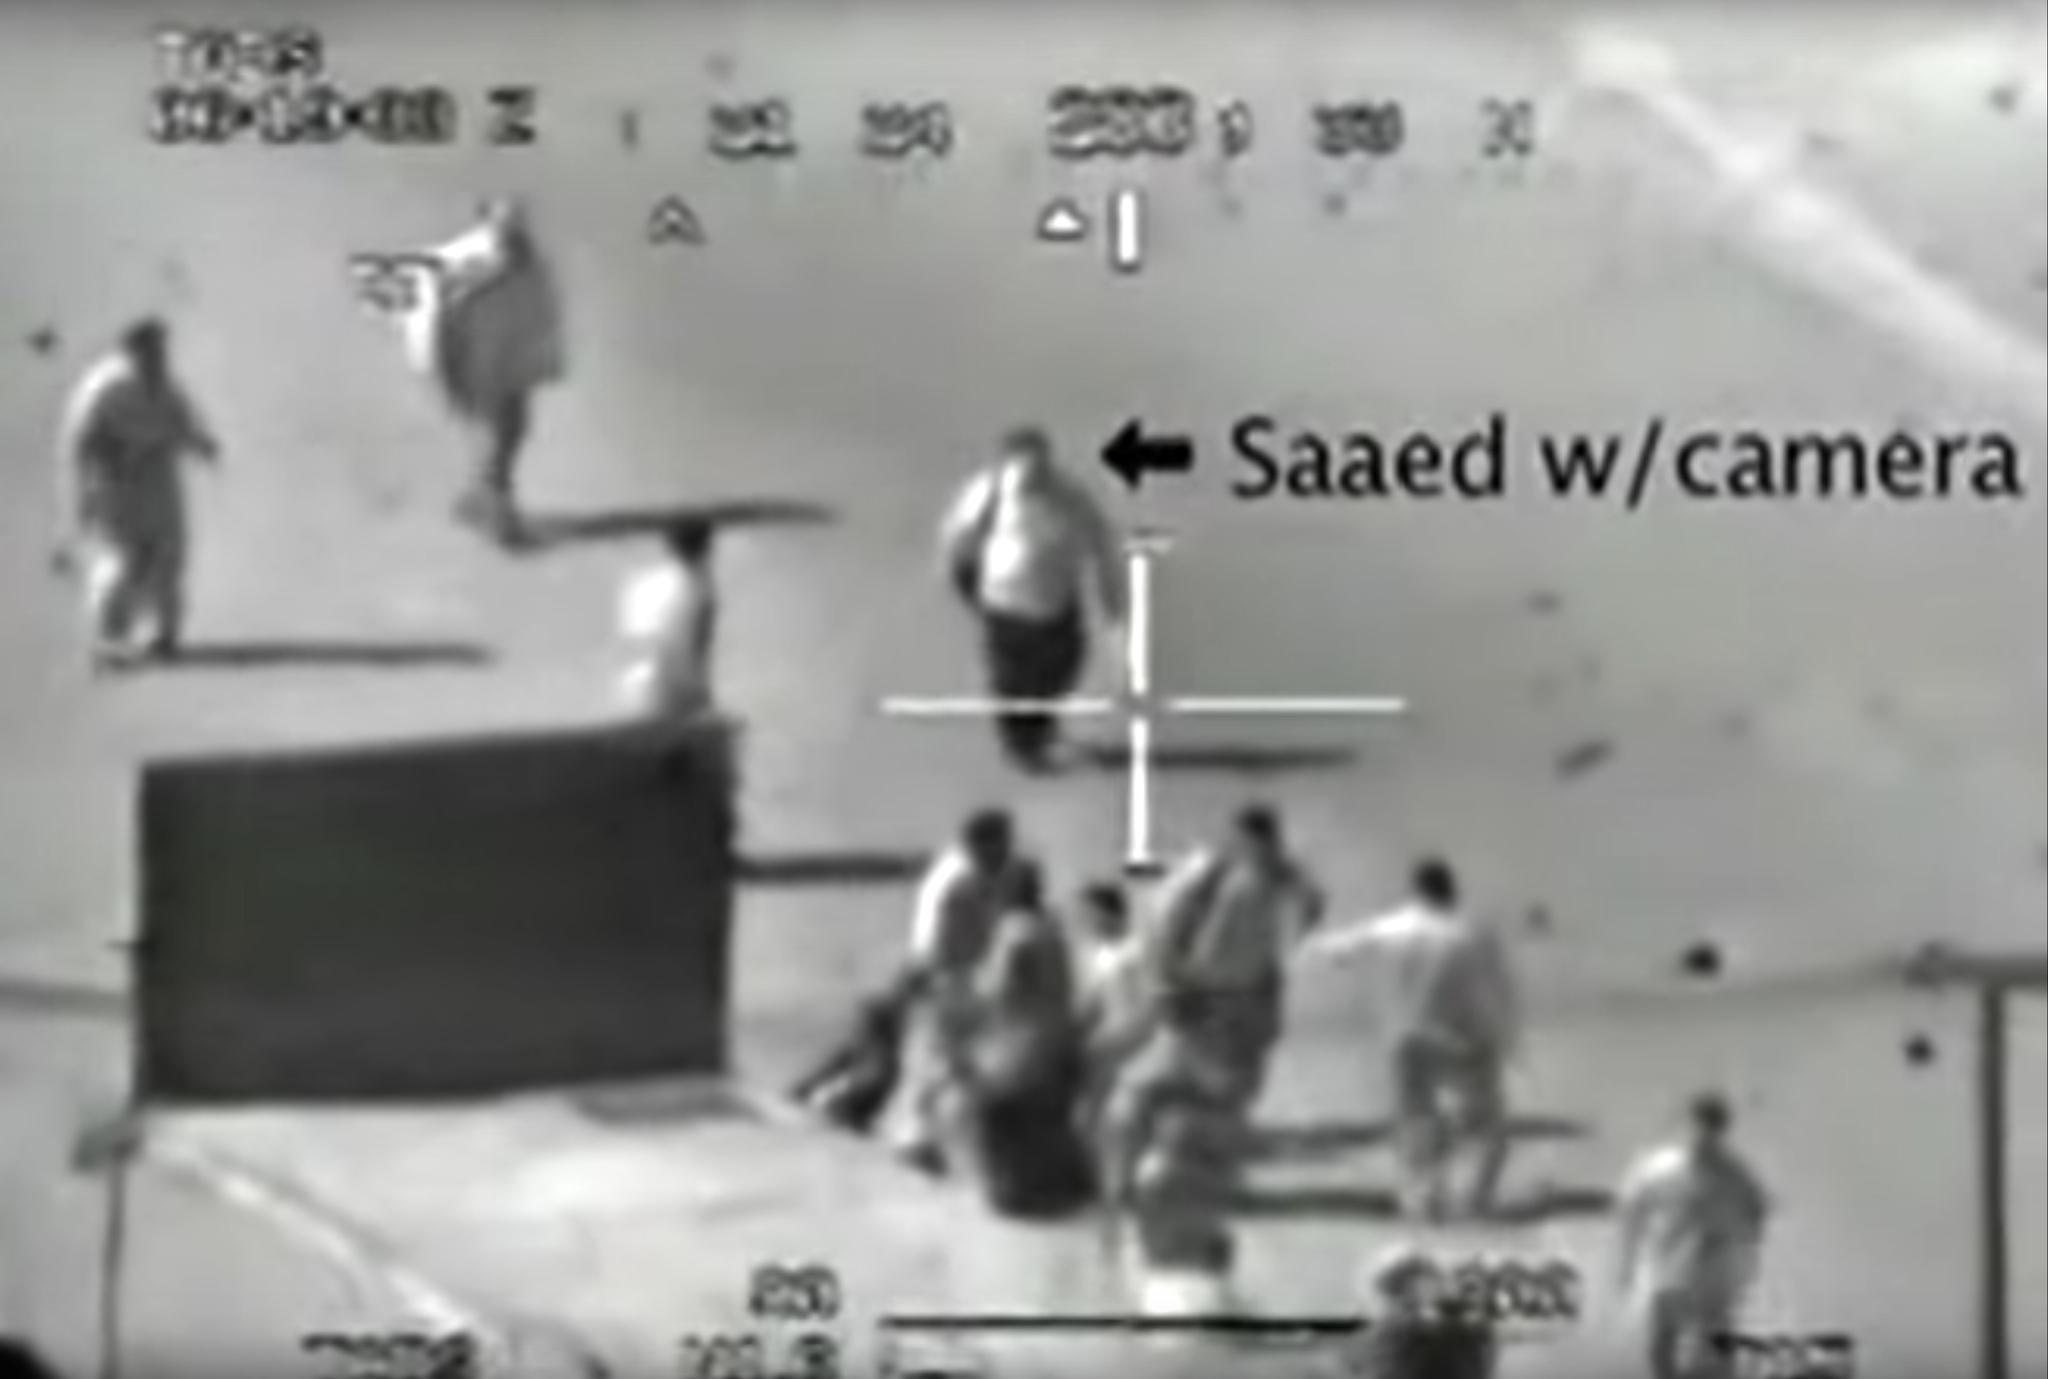 Captura de pantalla del vídeo de la tragedia de aquel 12 de julio de 2007.